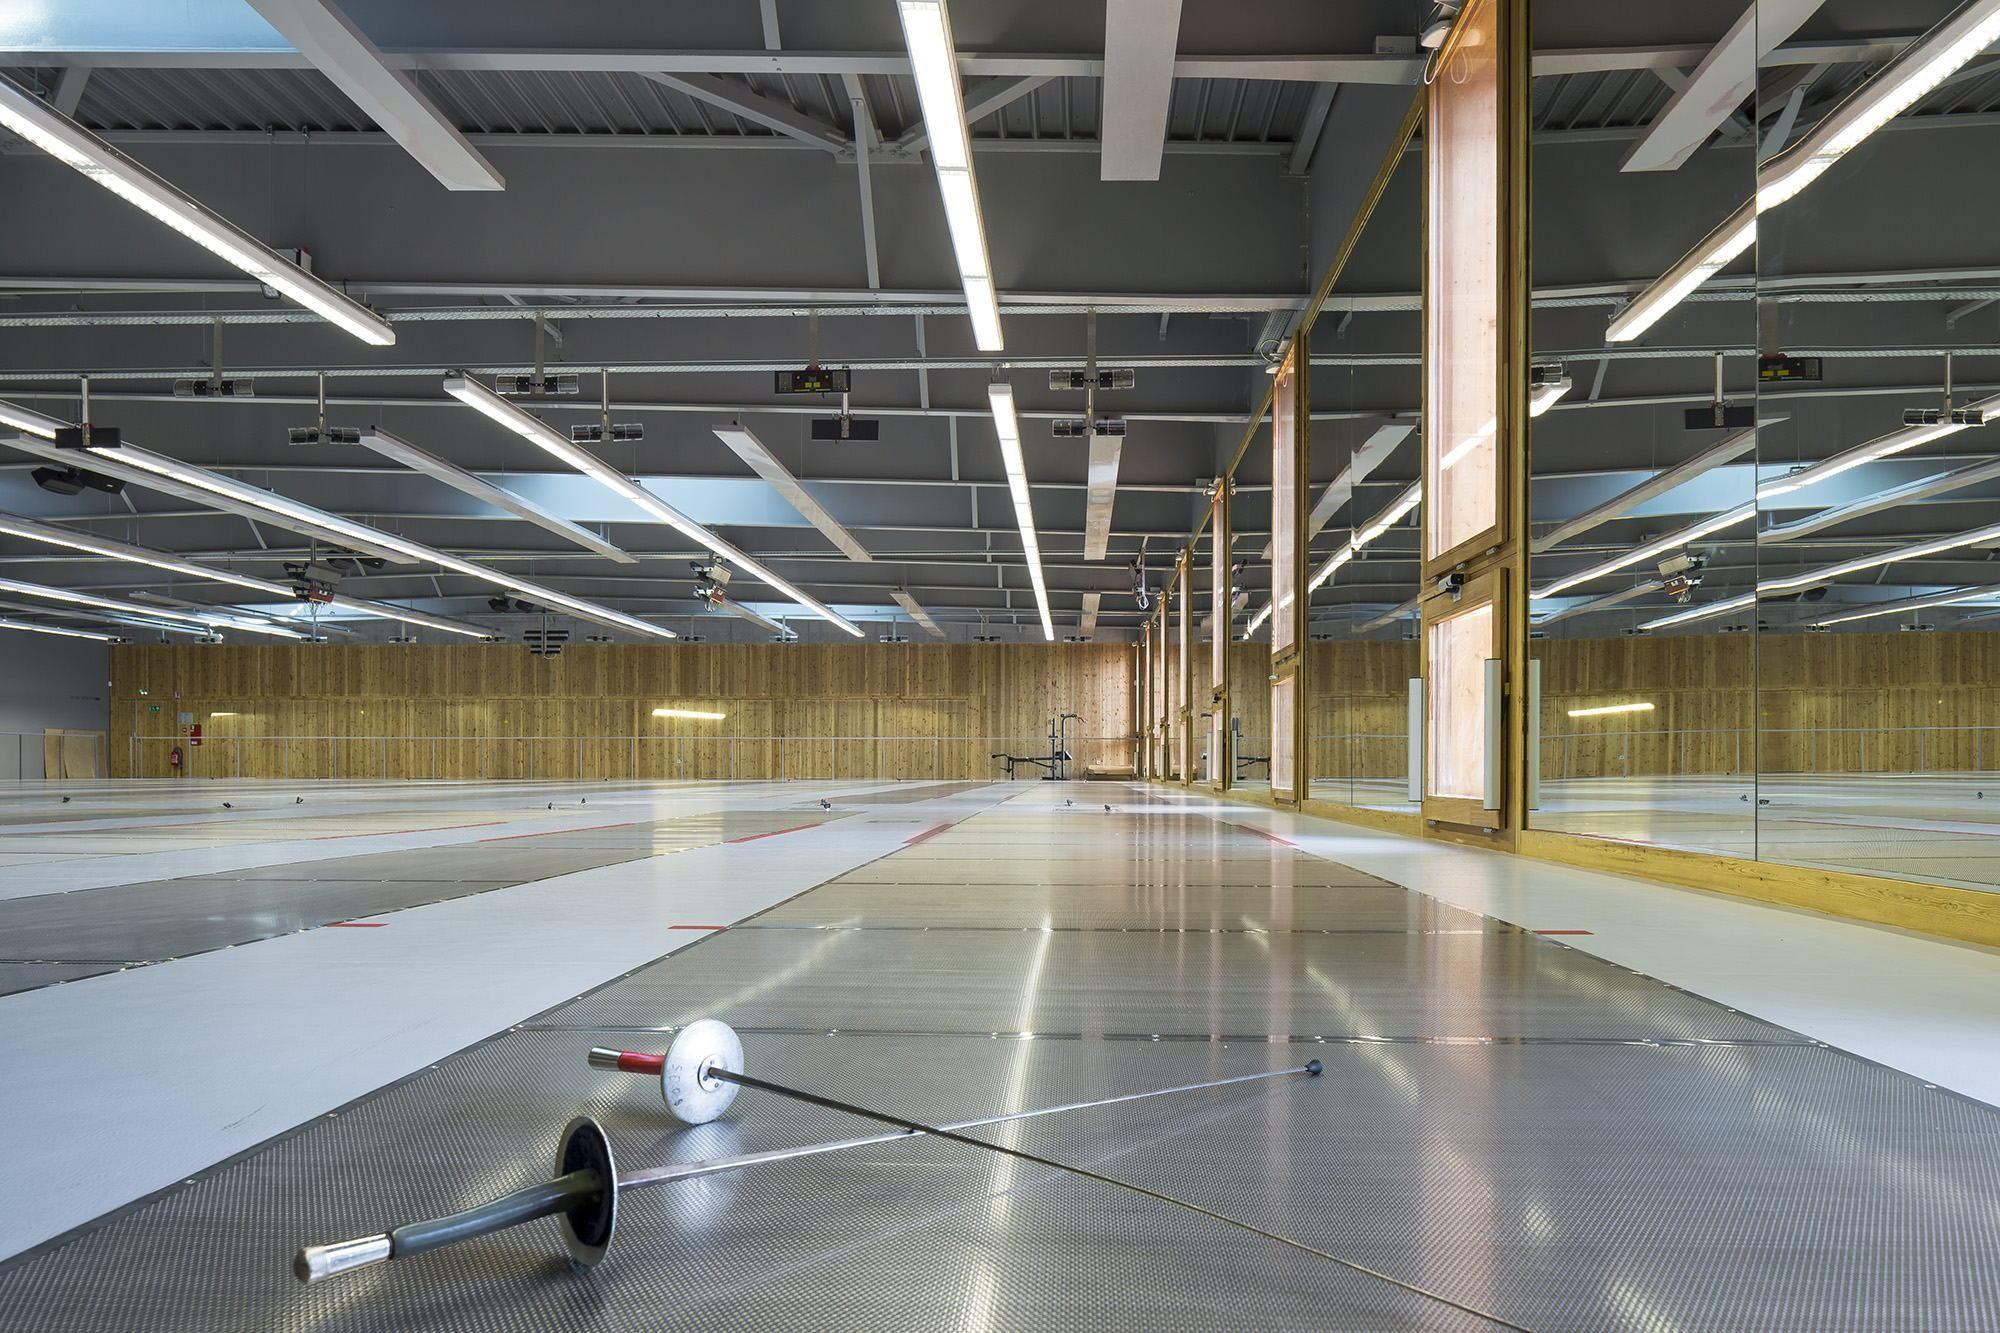 Springen im Carrée - Sporthalle aus Holz in Straßburg